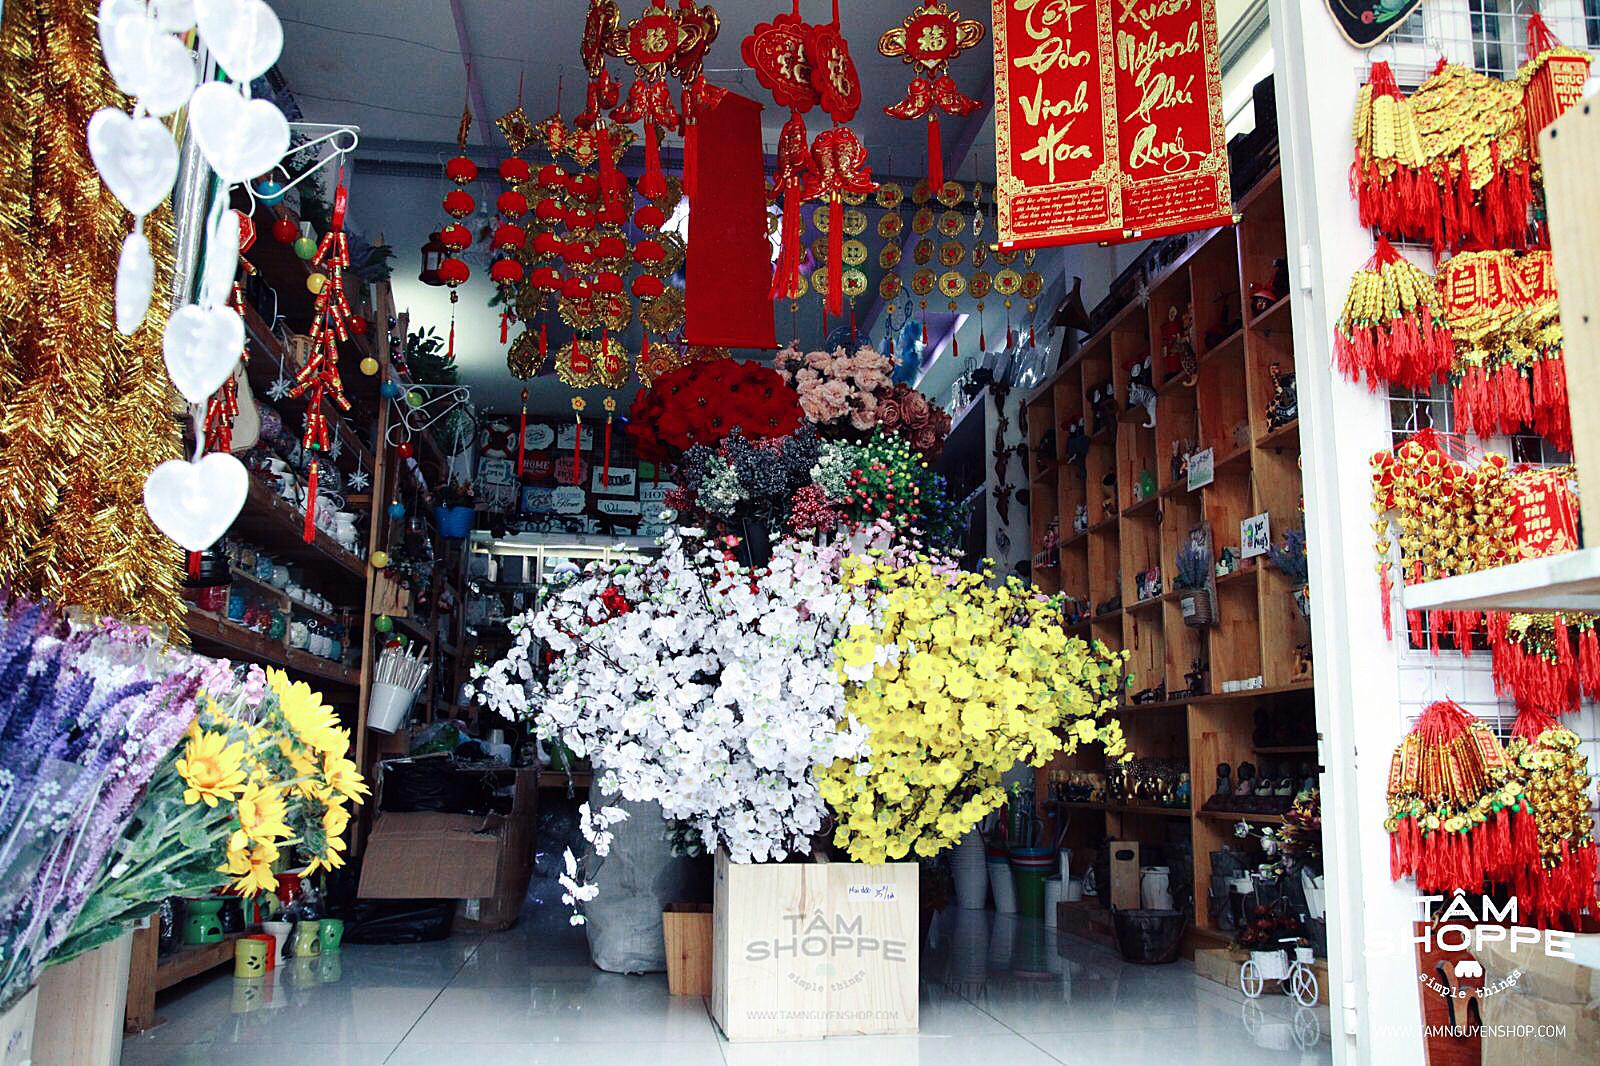 Tâm Shoppe | Đồ trang trí Tết 2017 về ngập Shop